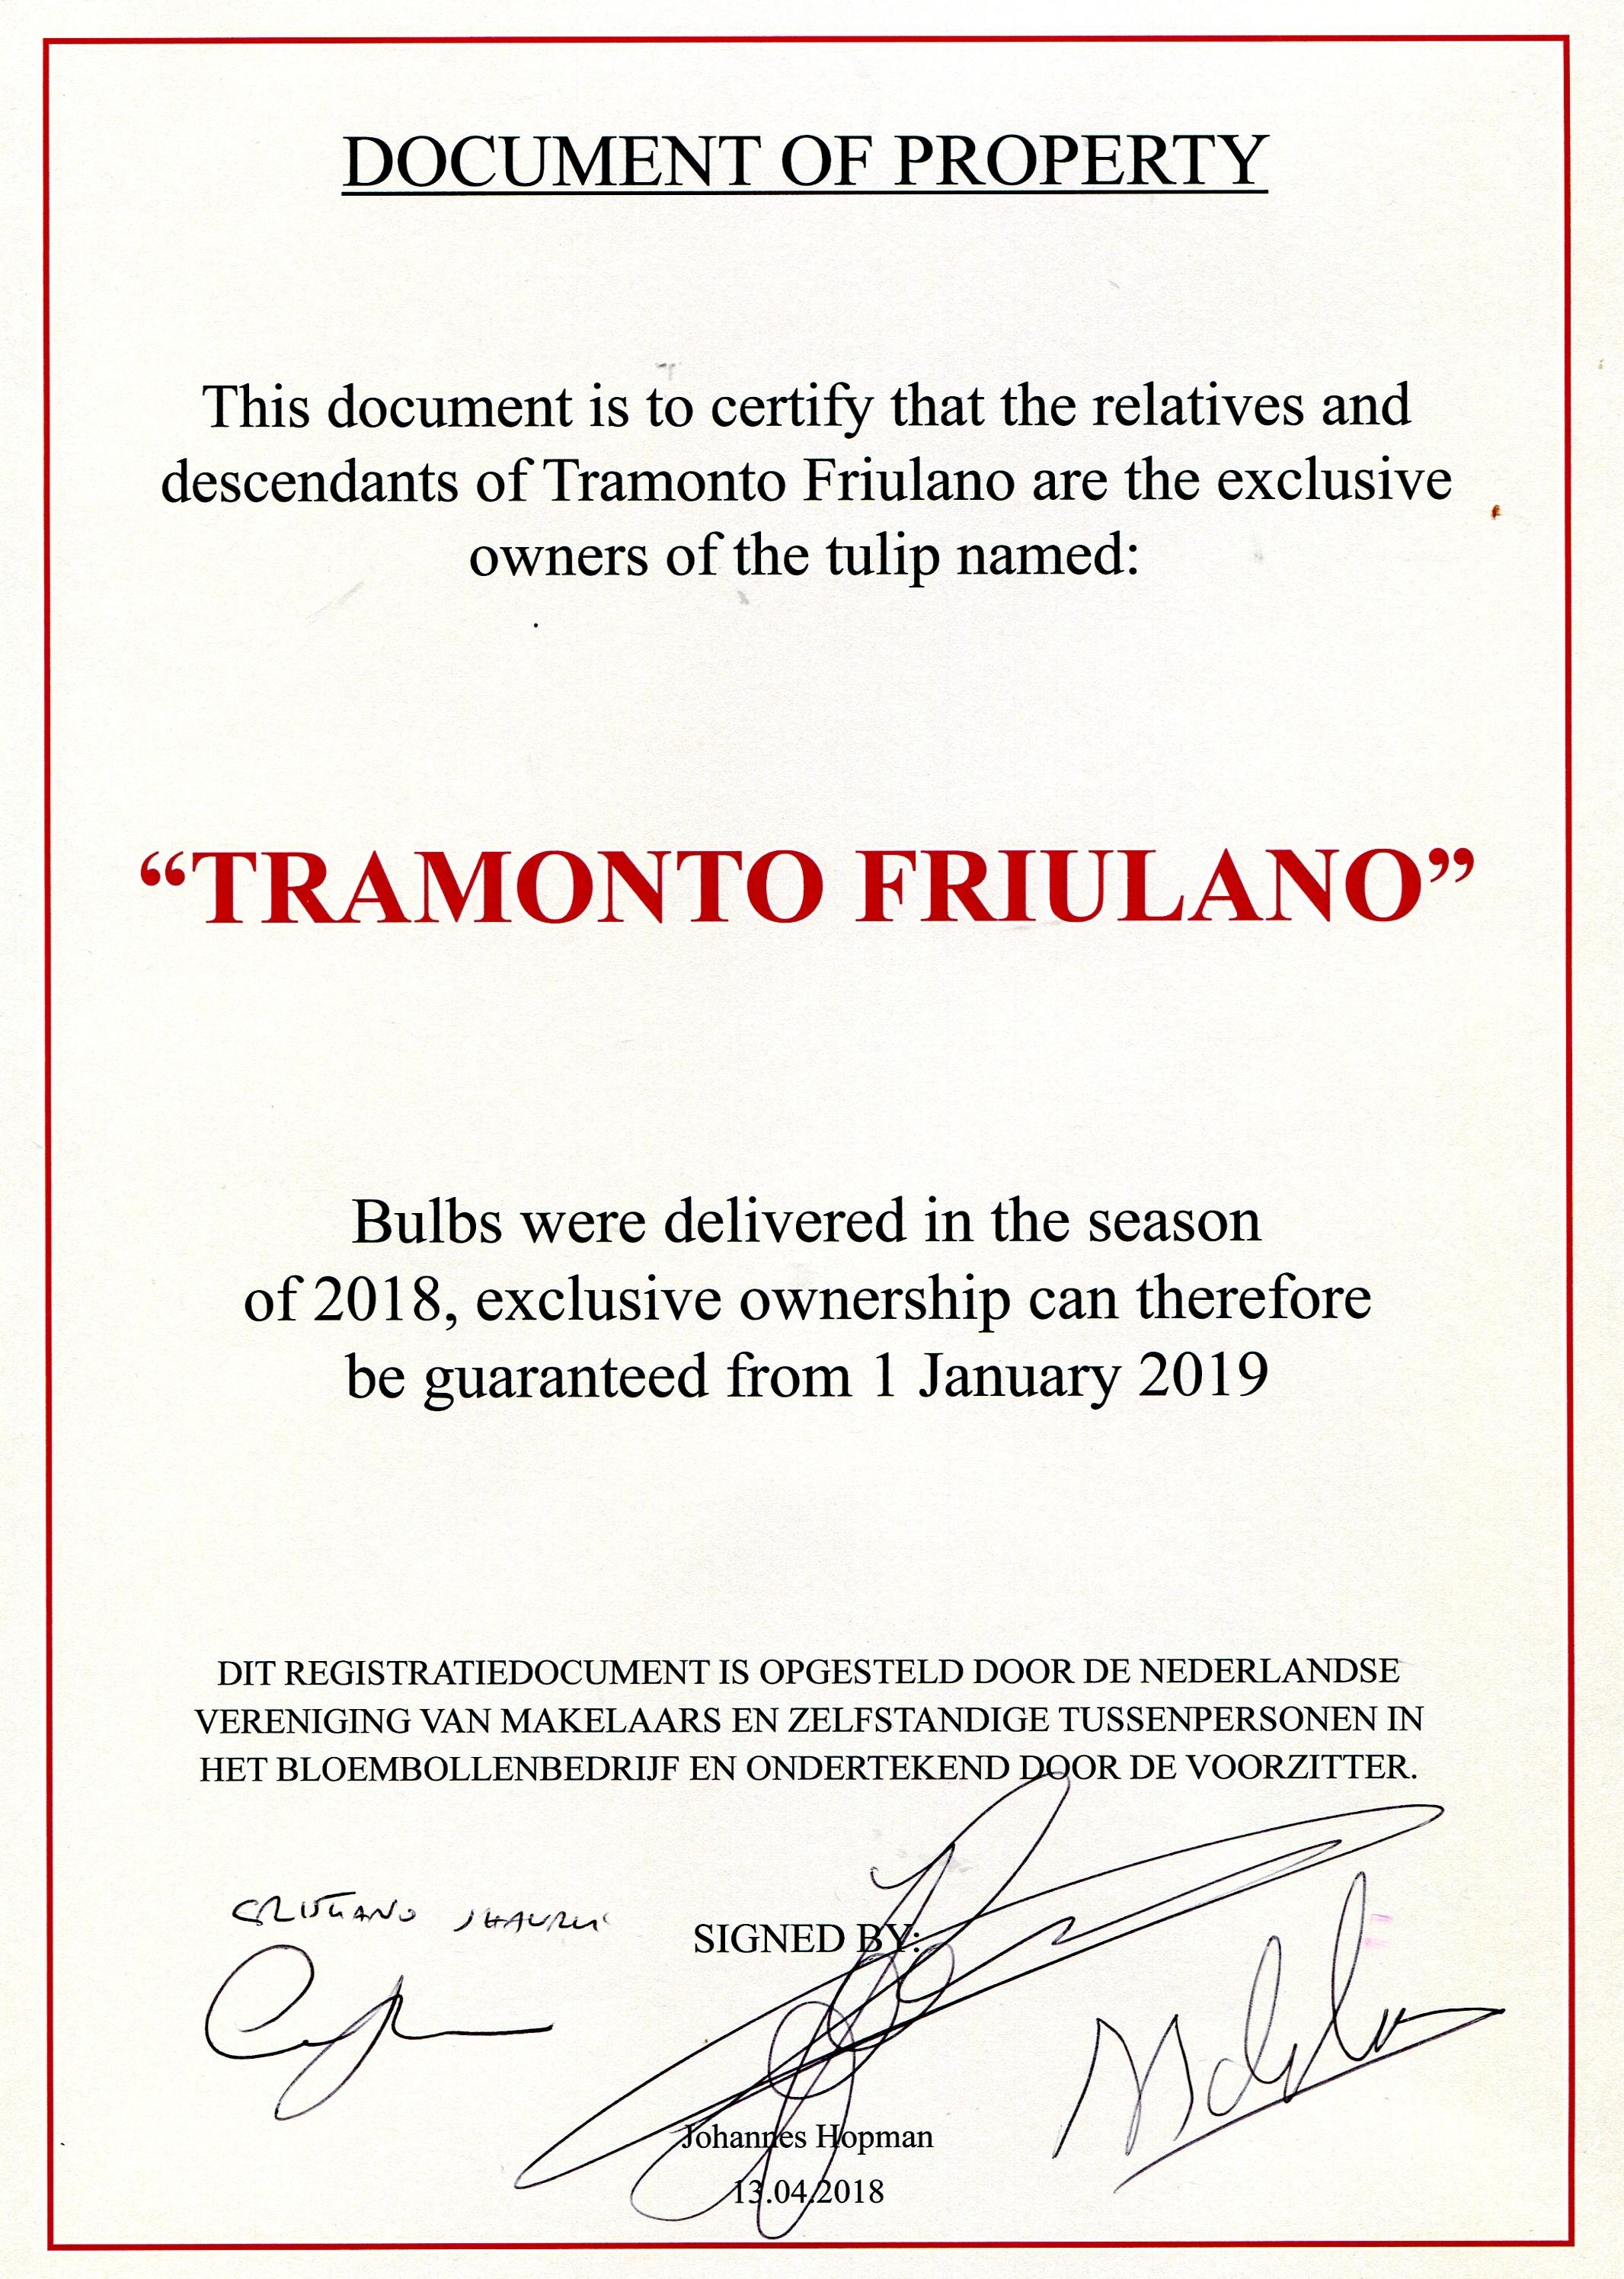 20180413_ondertekend-certificaat-tulp-tramonto-friulano_630